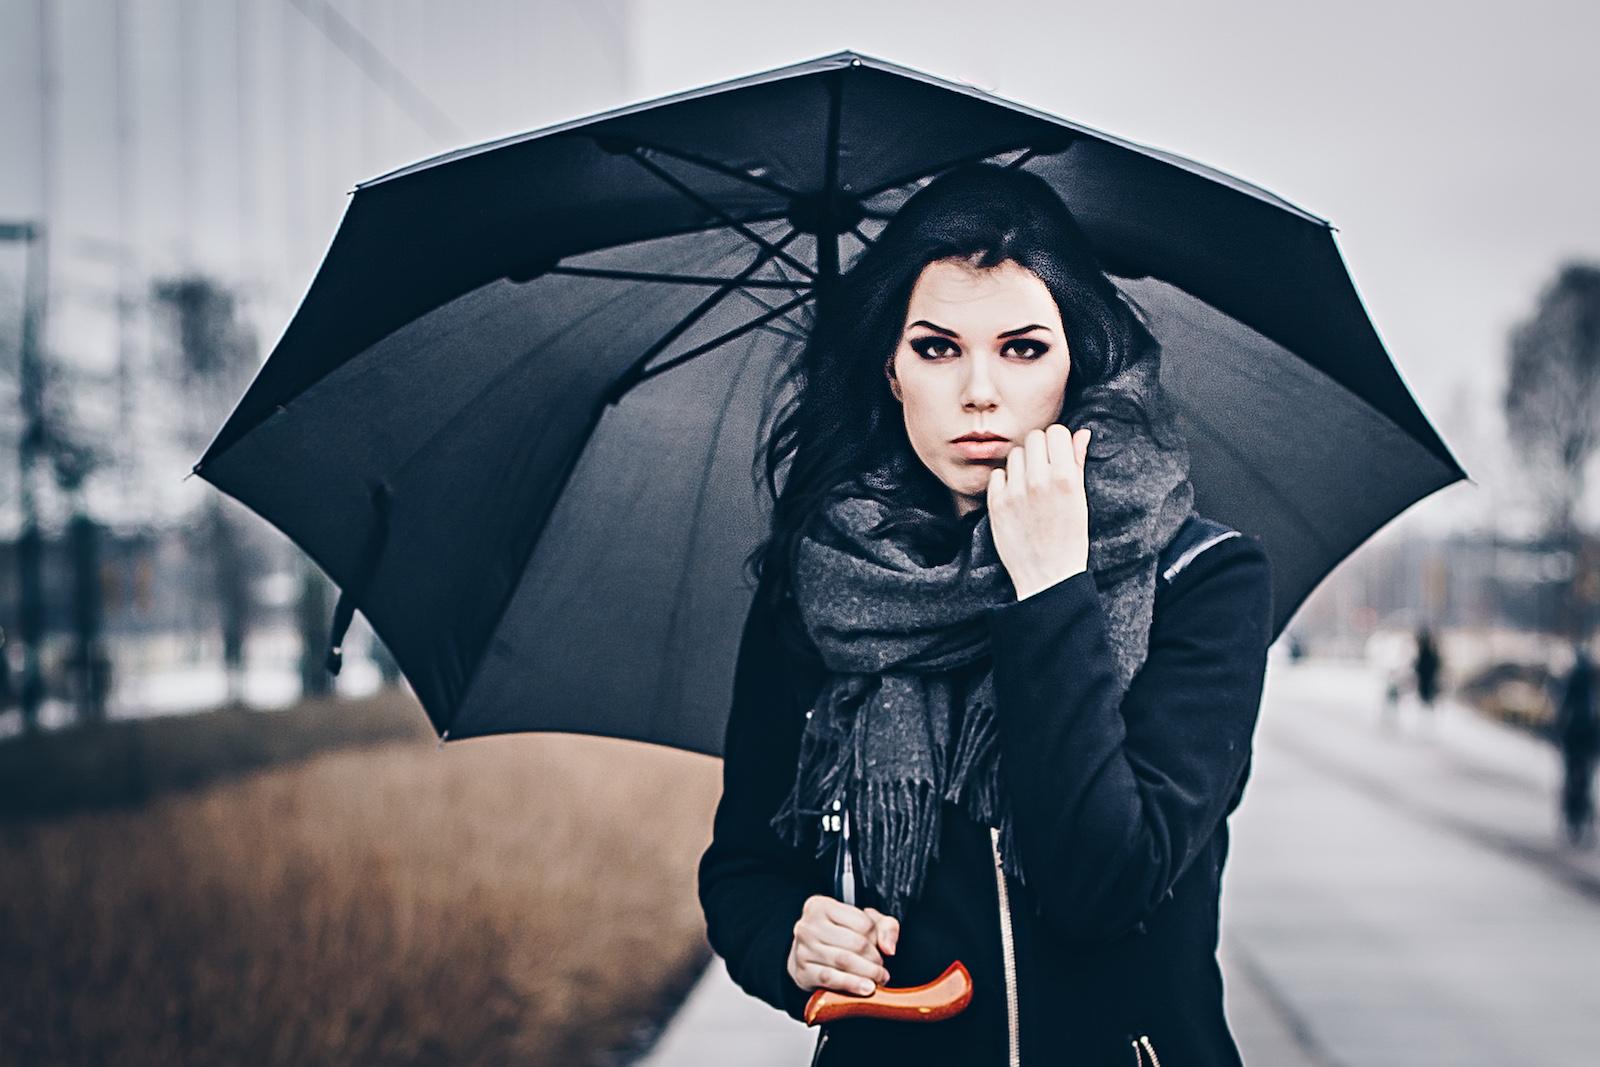 Nimi: Sadepäivä, Kuvaaja: Marko Knuutila